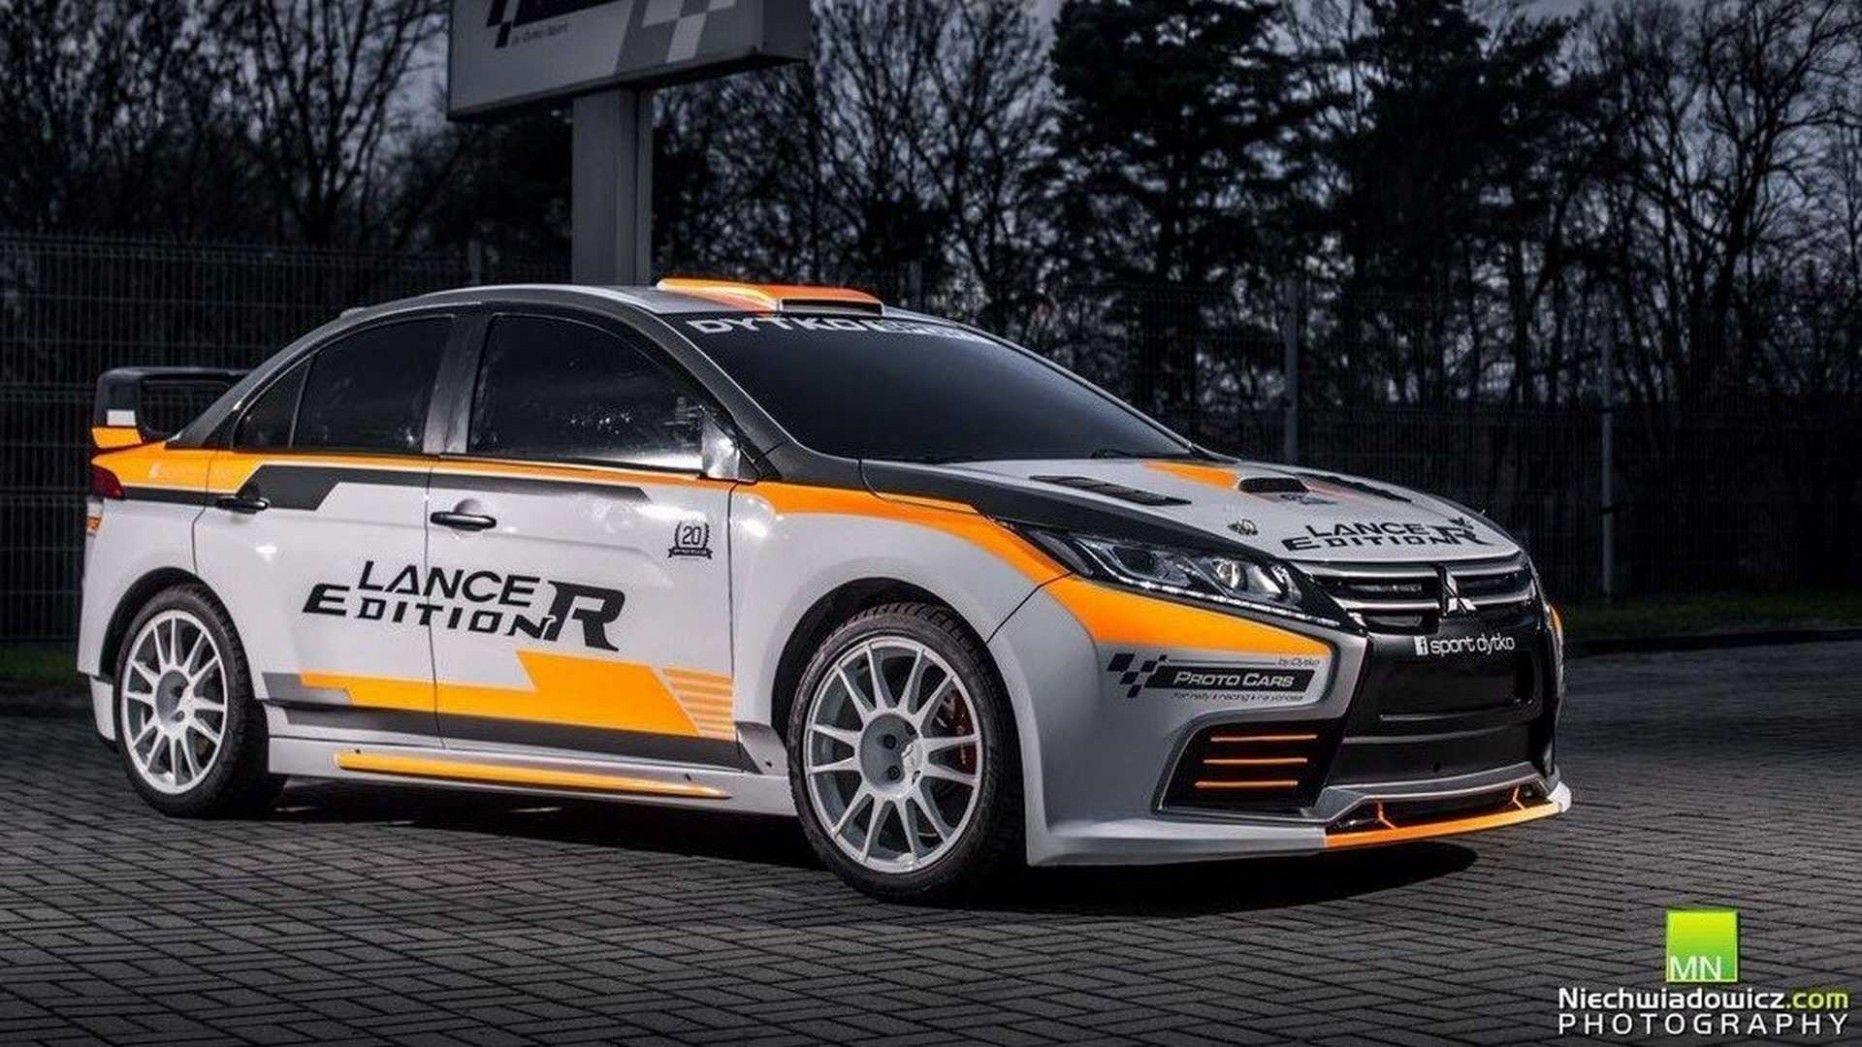 2021 Mitsubishi Lancer Rumors